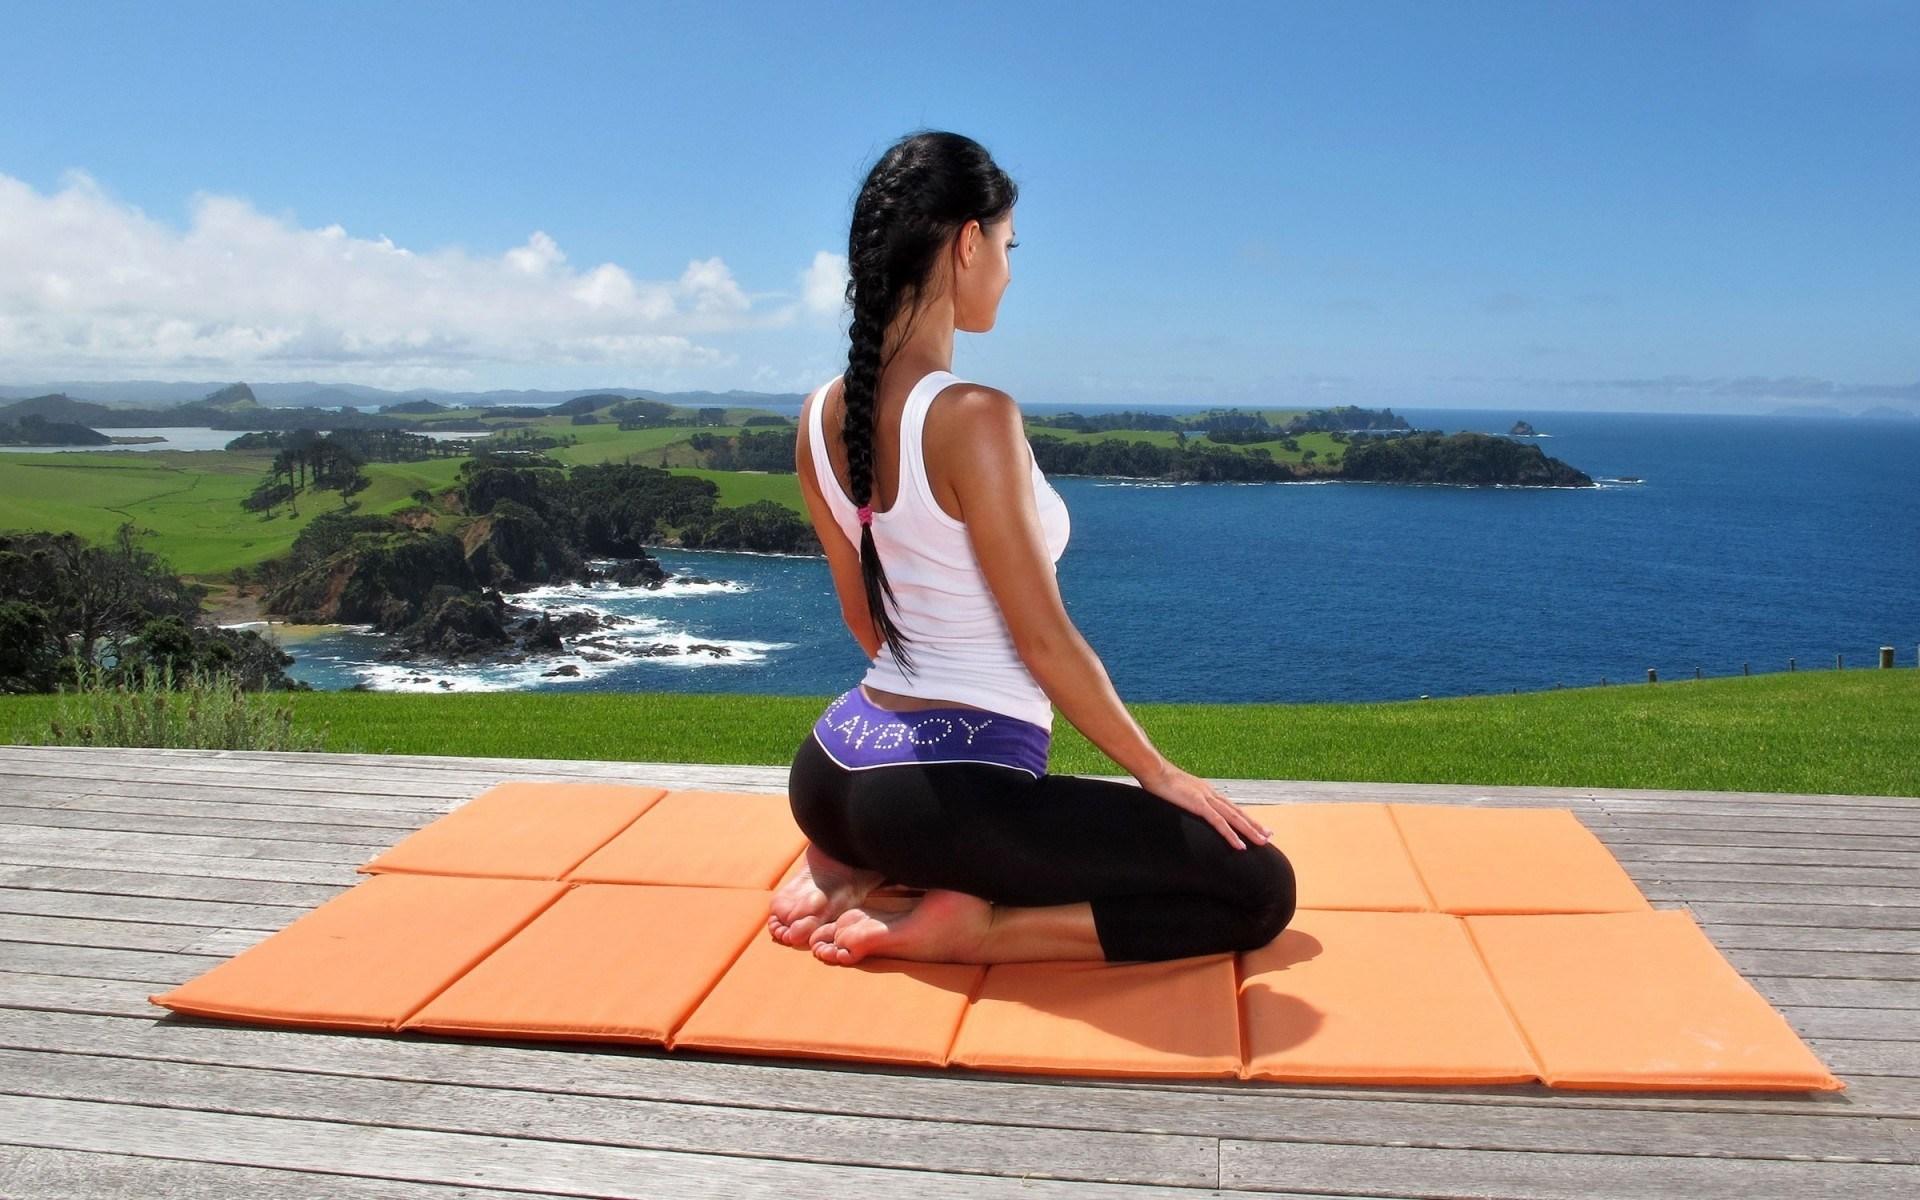 impactul-pe-care-il-are-yoga-asupra-fiinte-umane3